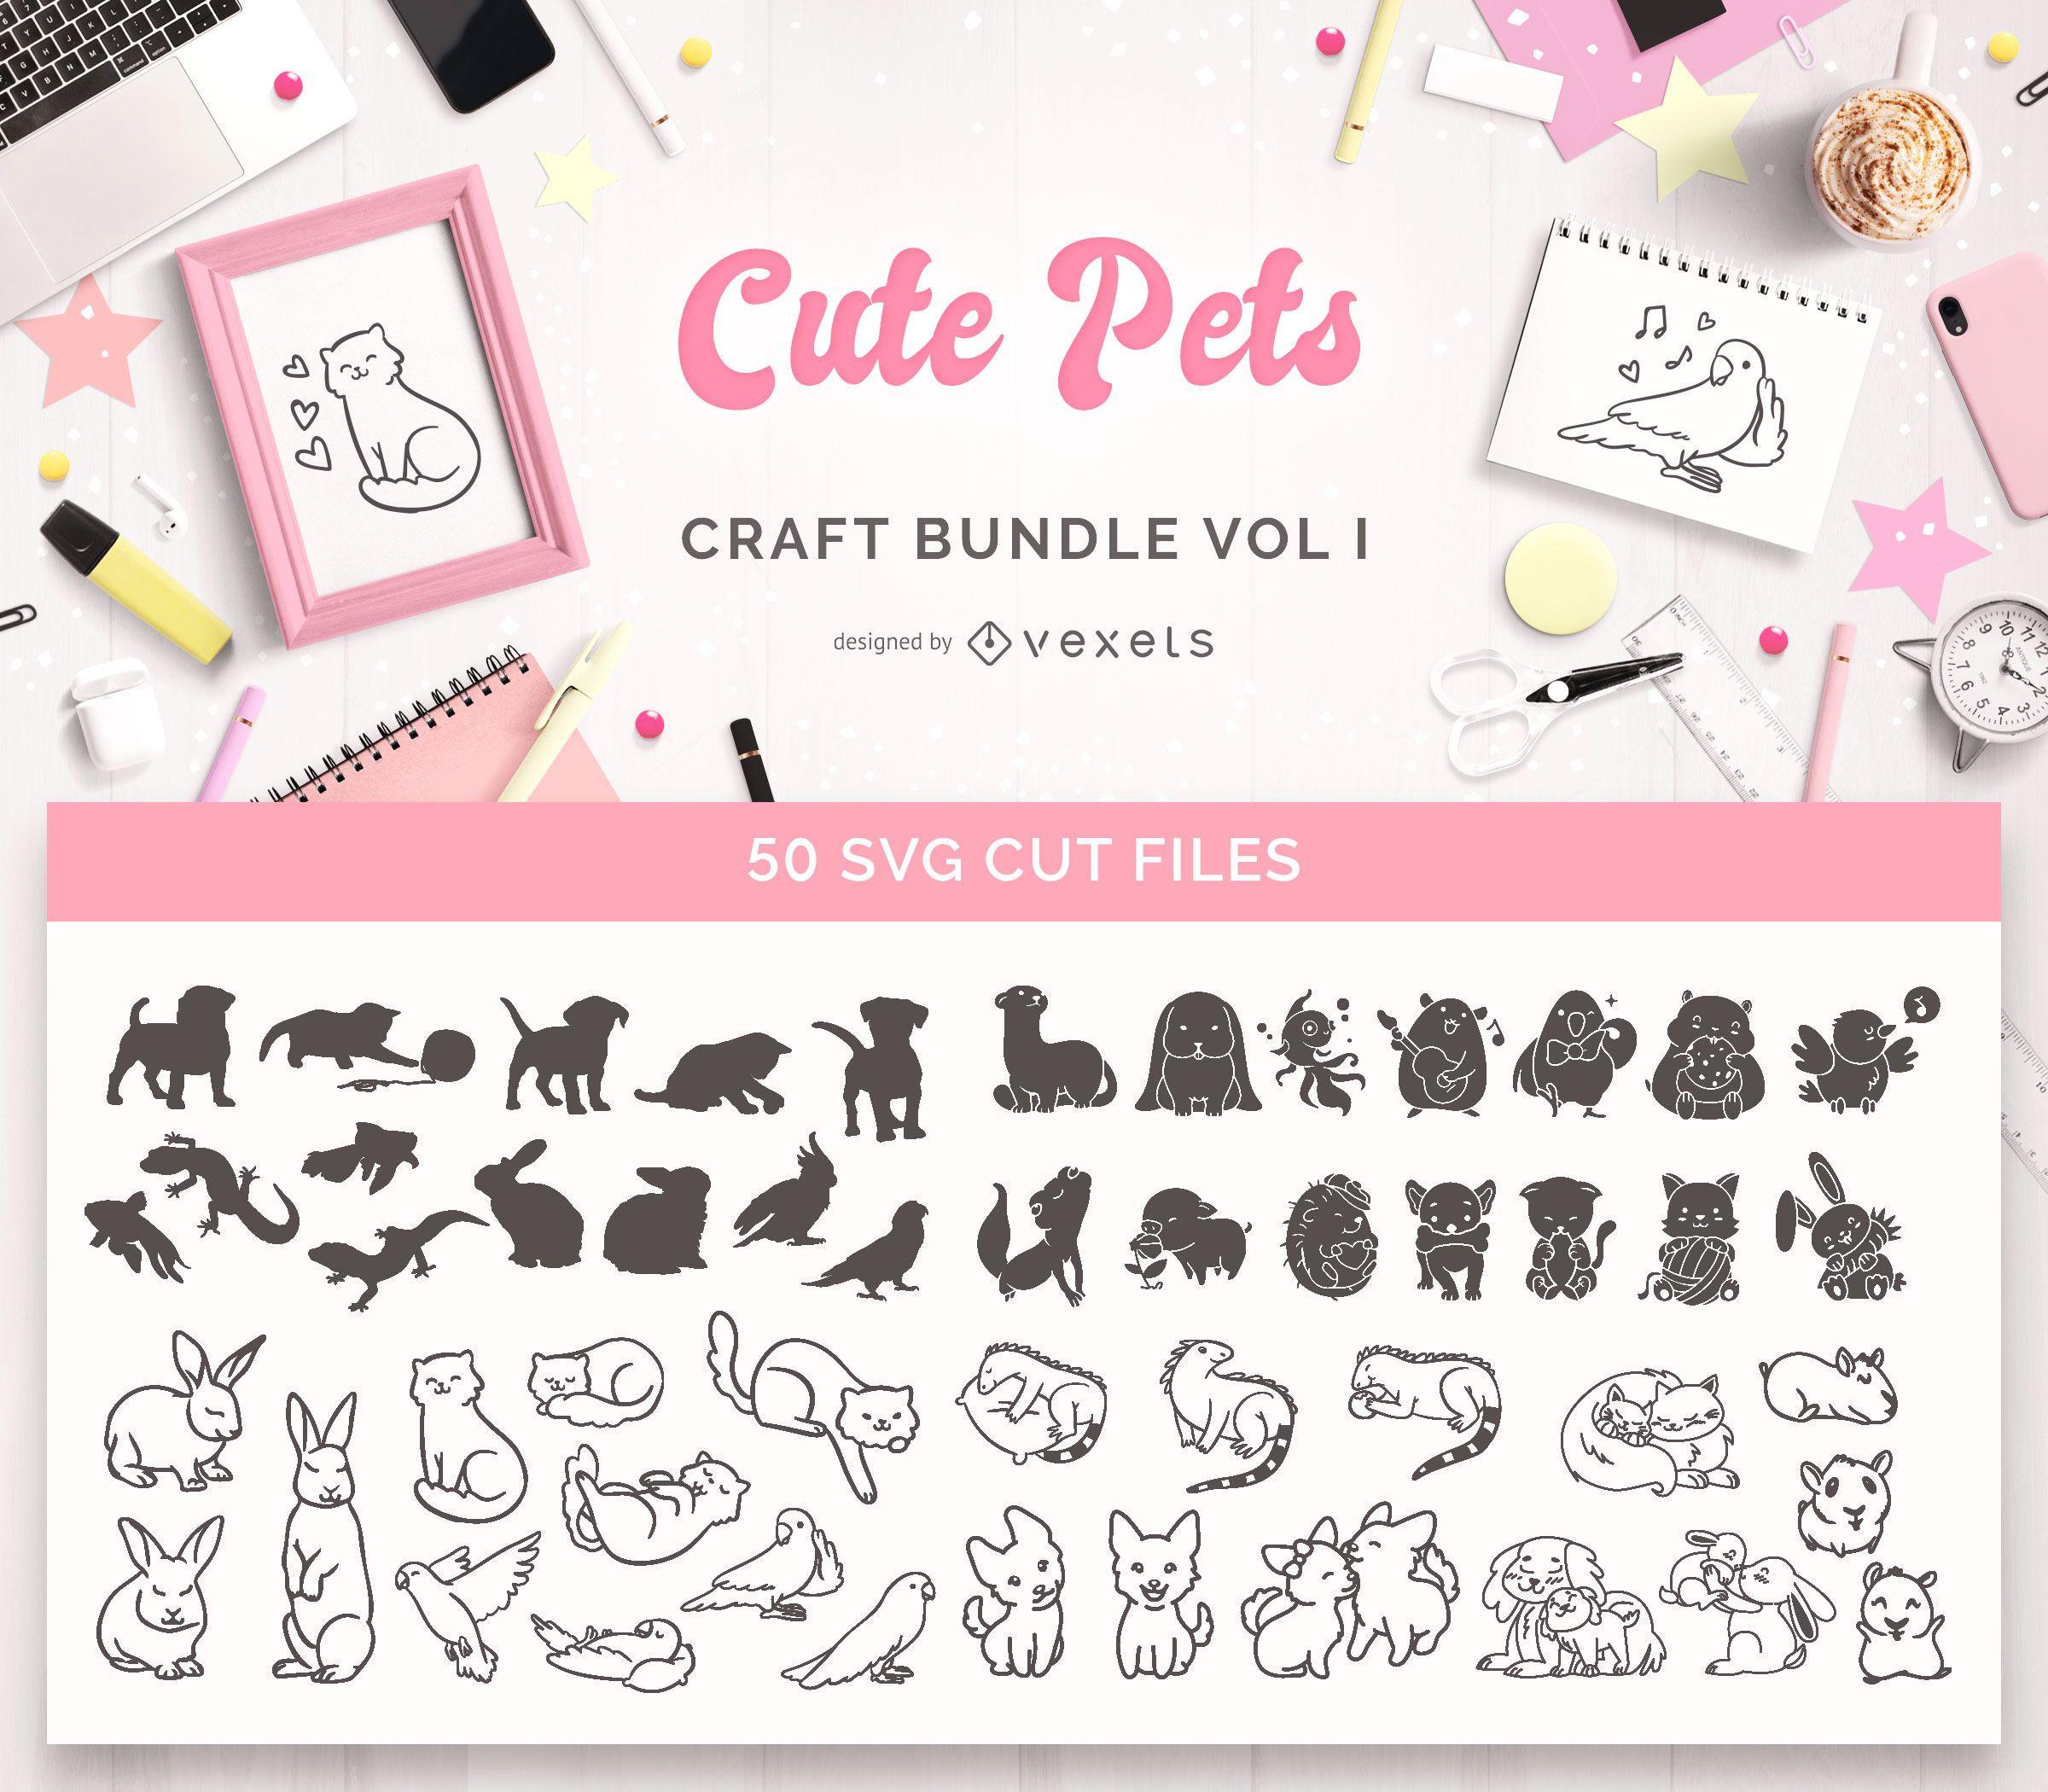 Cute Pets Craft Bundle Vol I